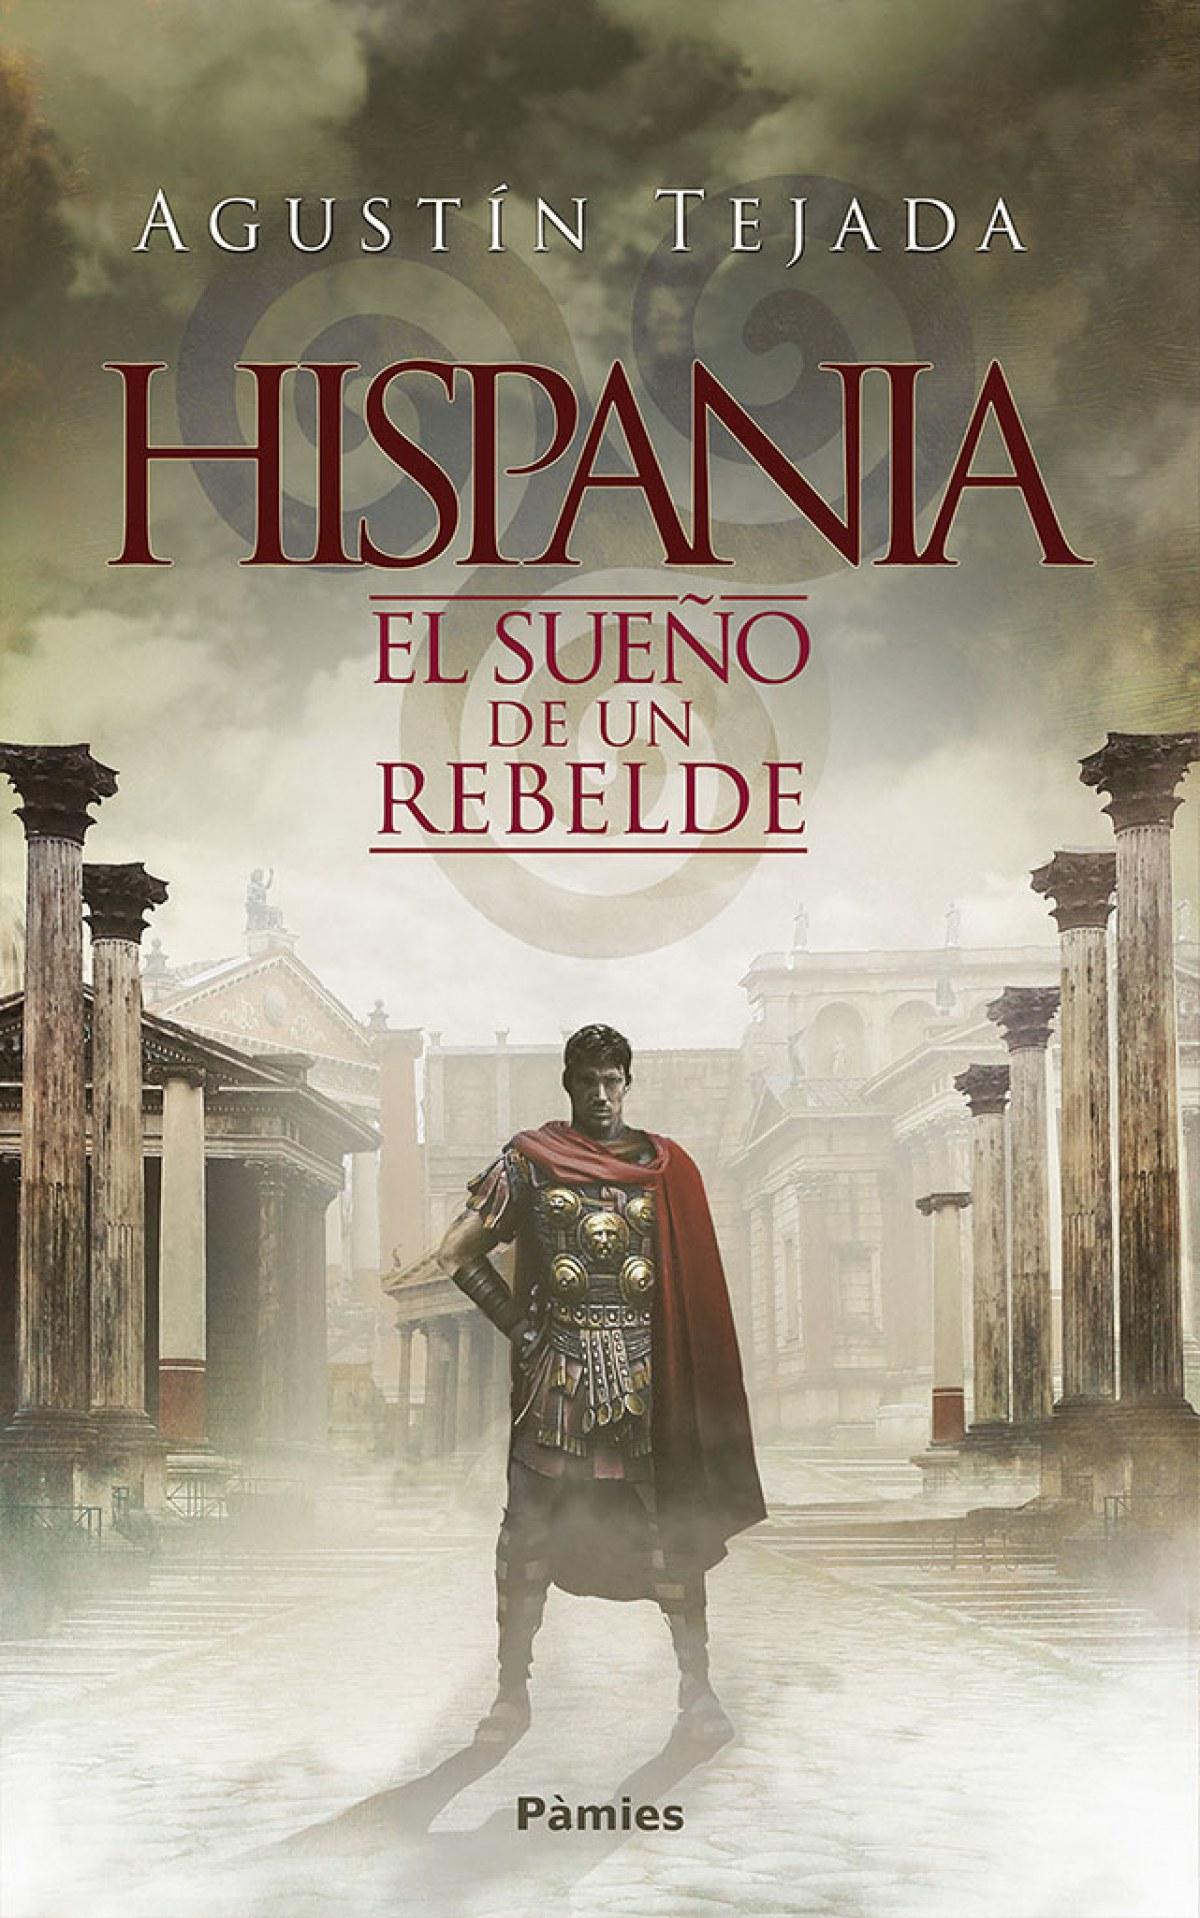 HISPANIA 9788416970711